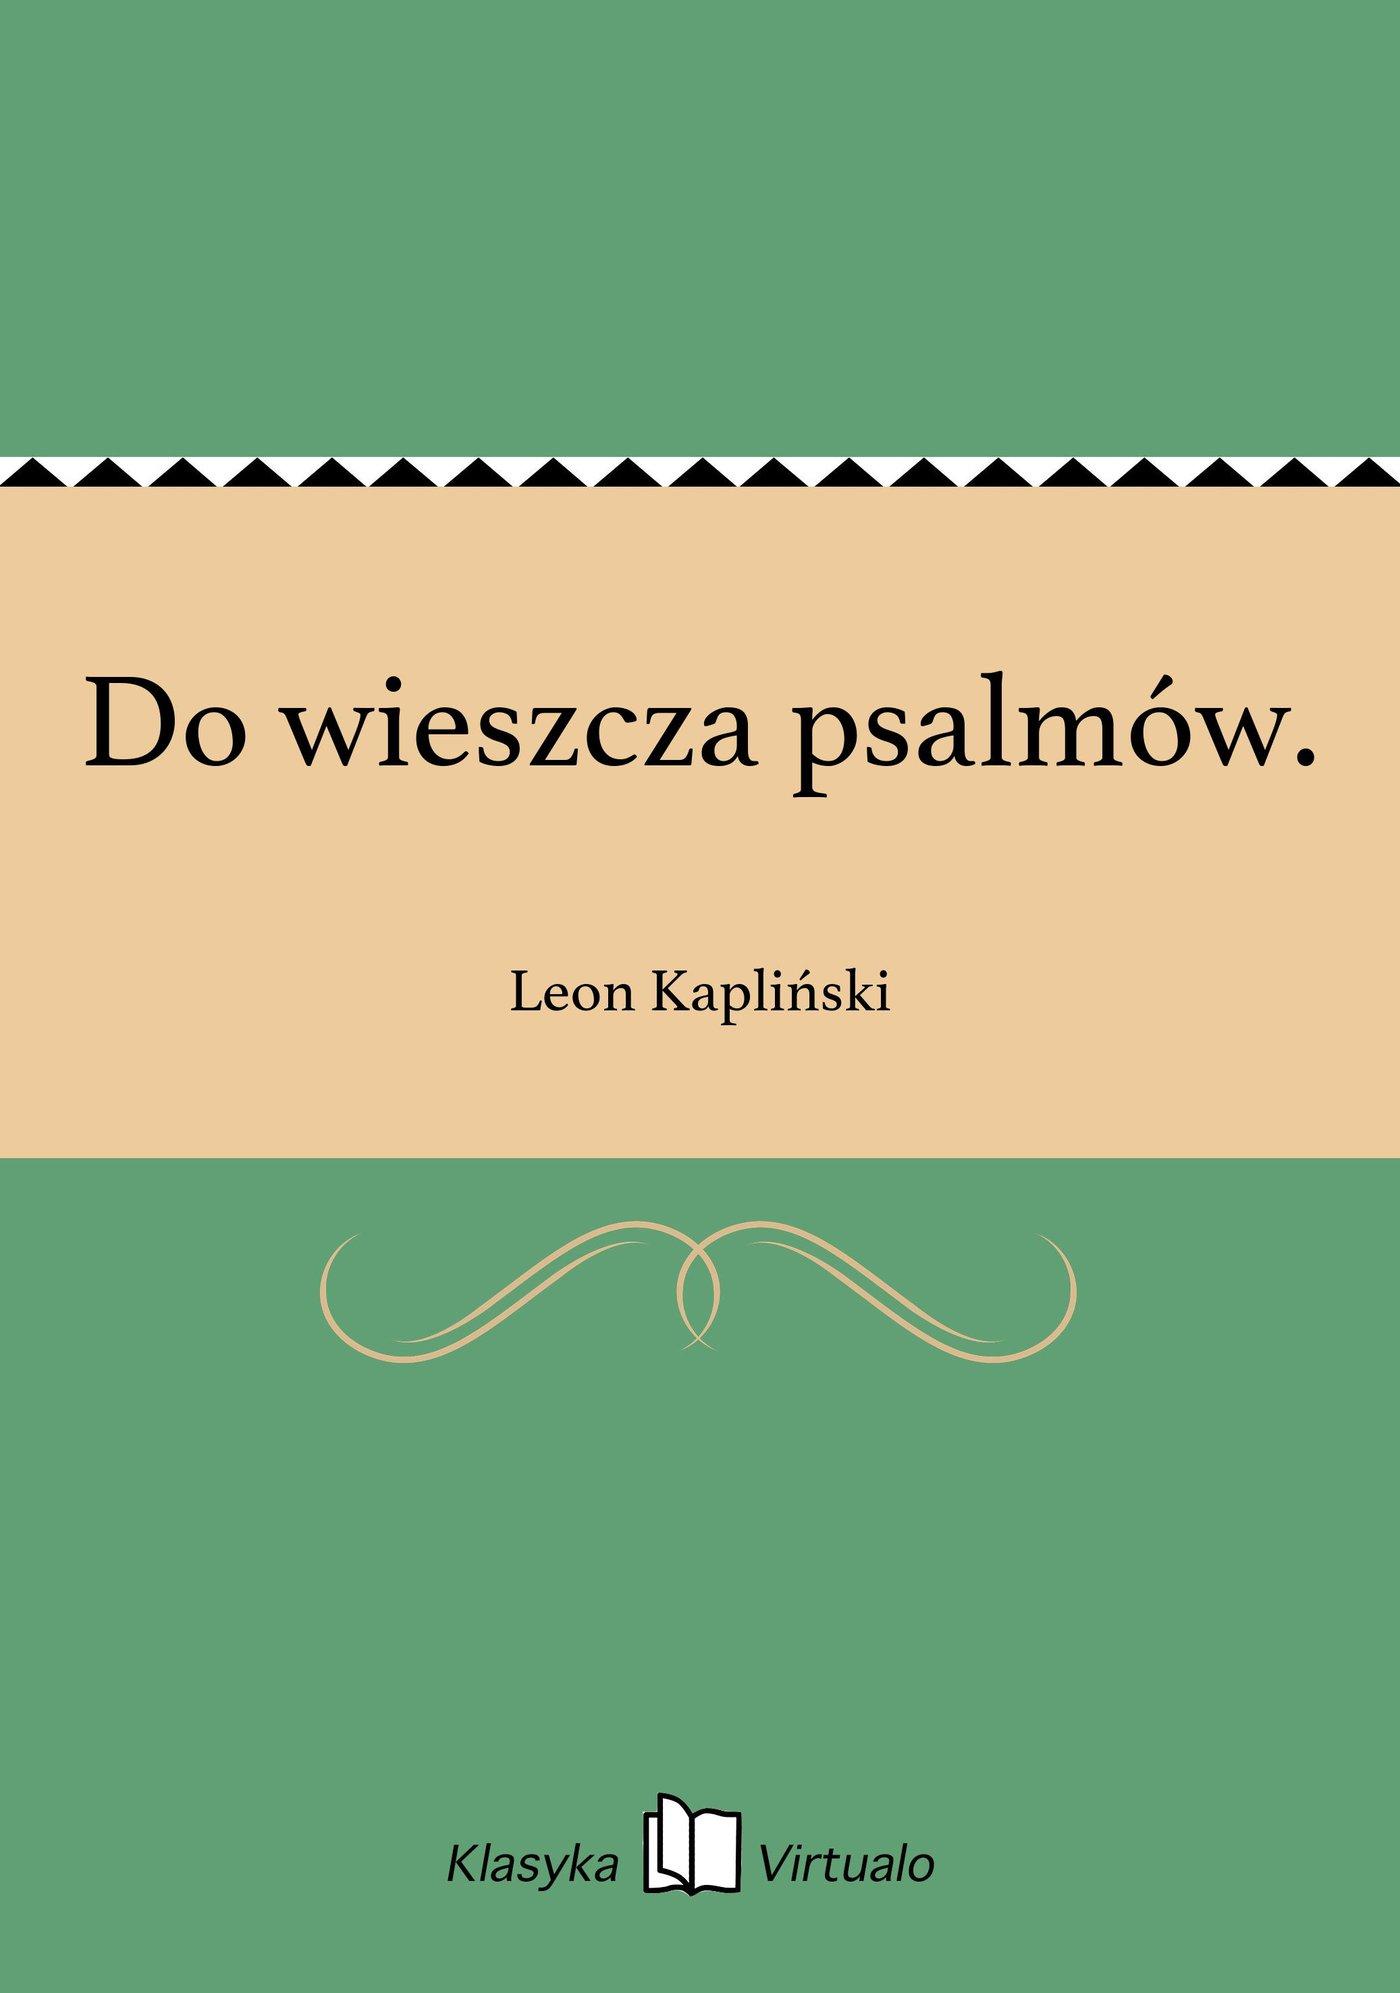 Do wieszcza psalmów. - Ebook (Książka EPUB) do pobrania w formacie EPUB